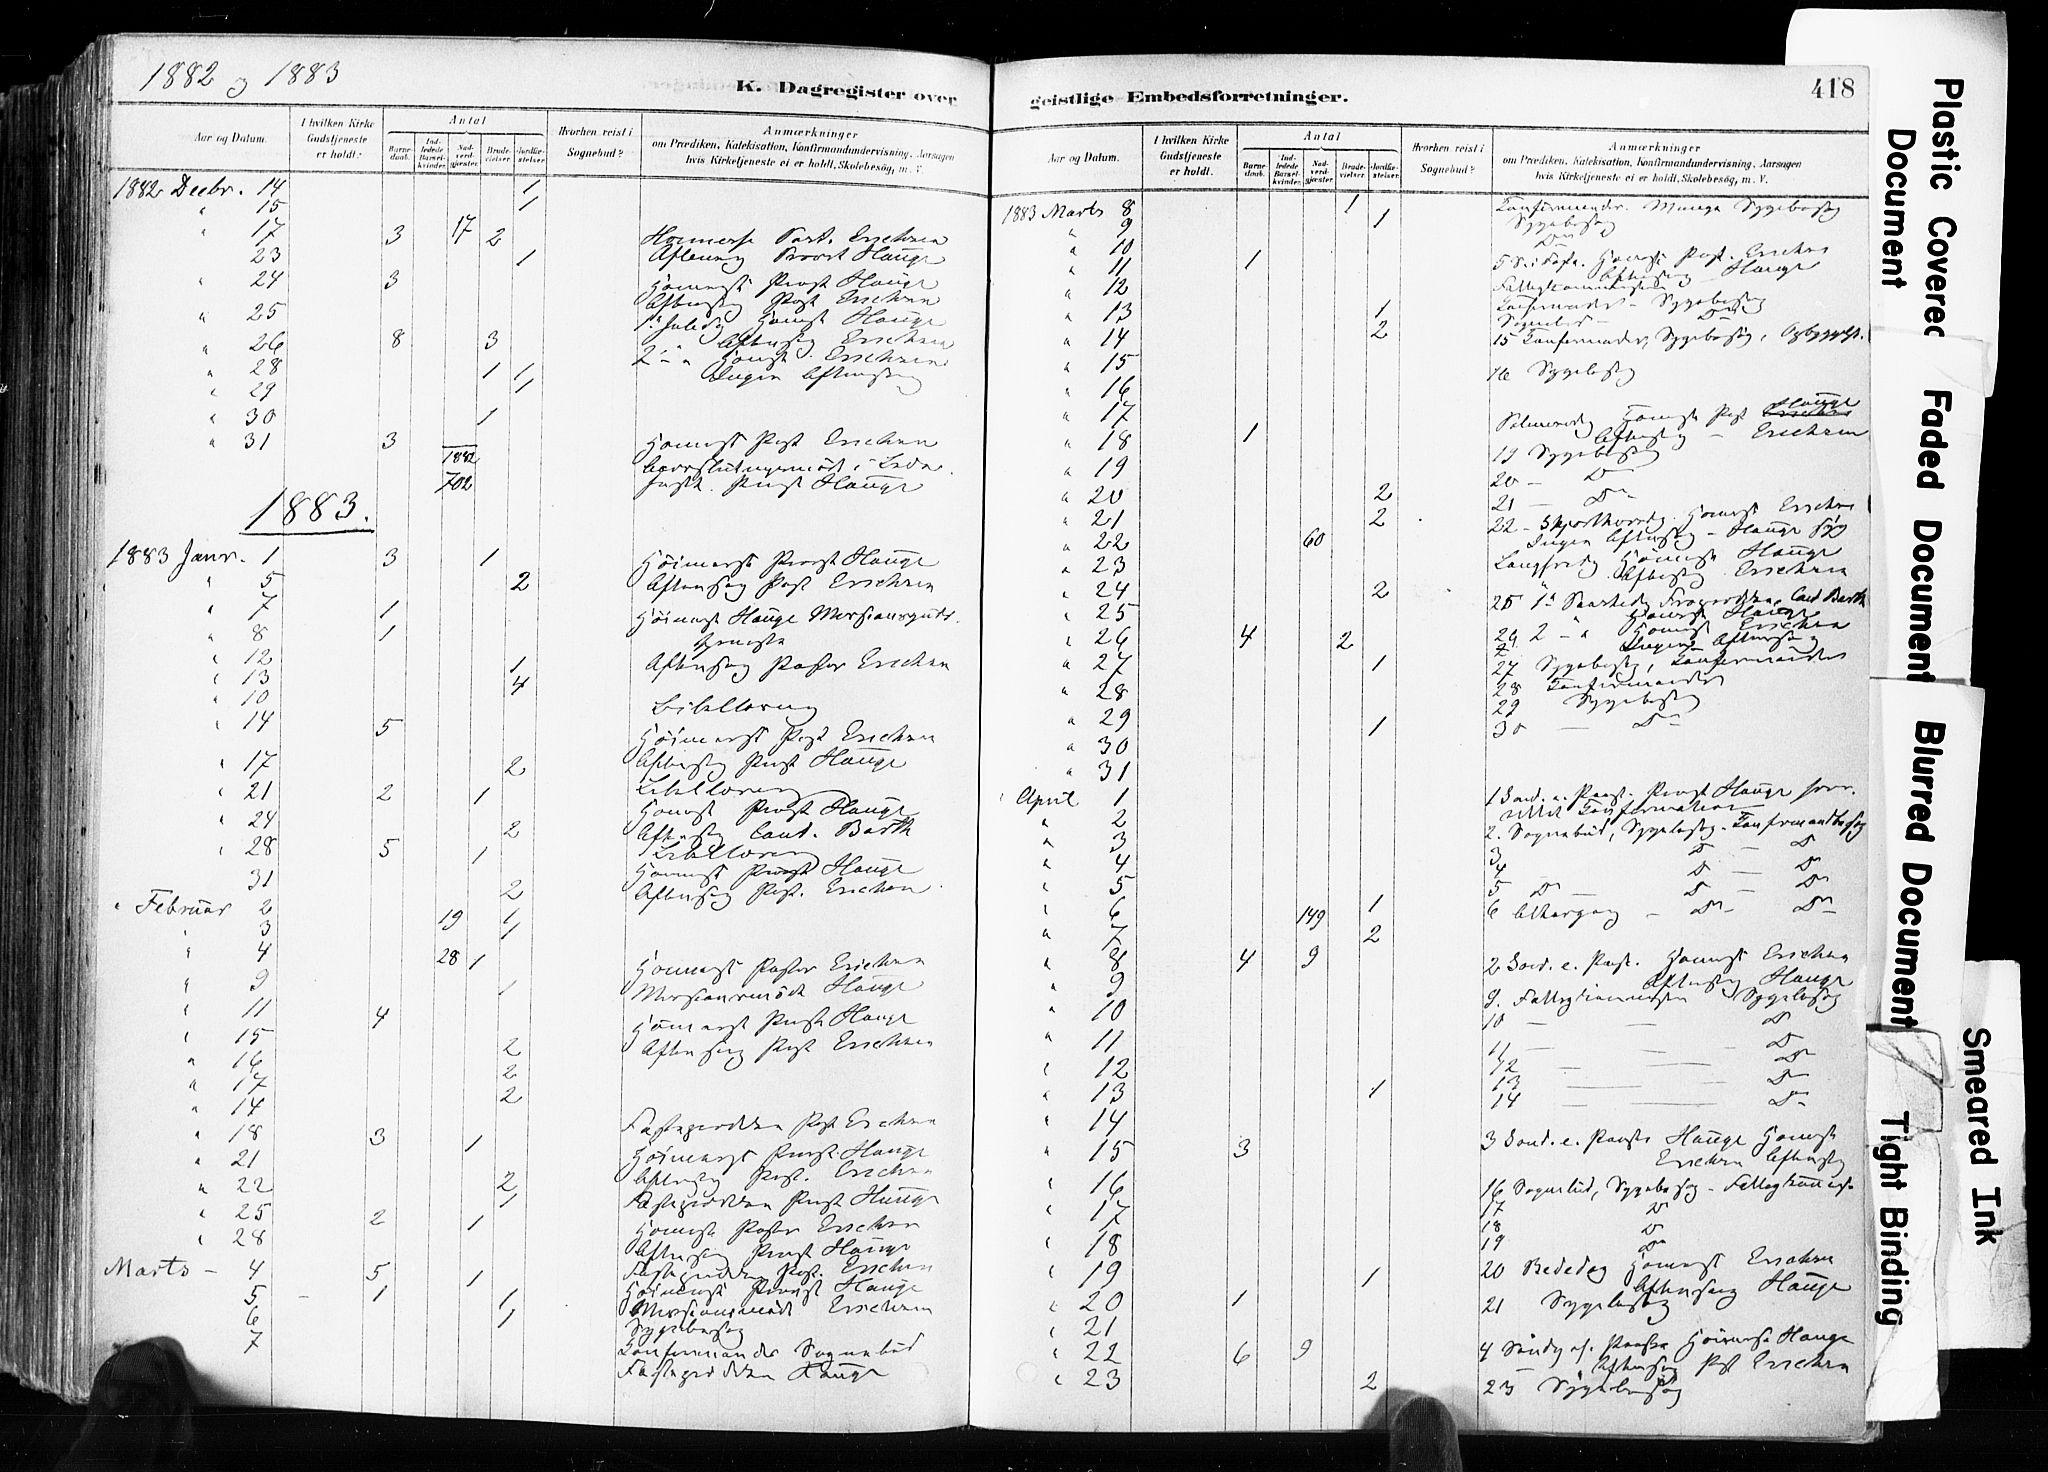 SAKO, Skien kirkebøker, F/Fa/L0009: Ministerialbok nr. 9, 1878-1890, s. 418